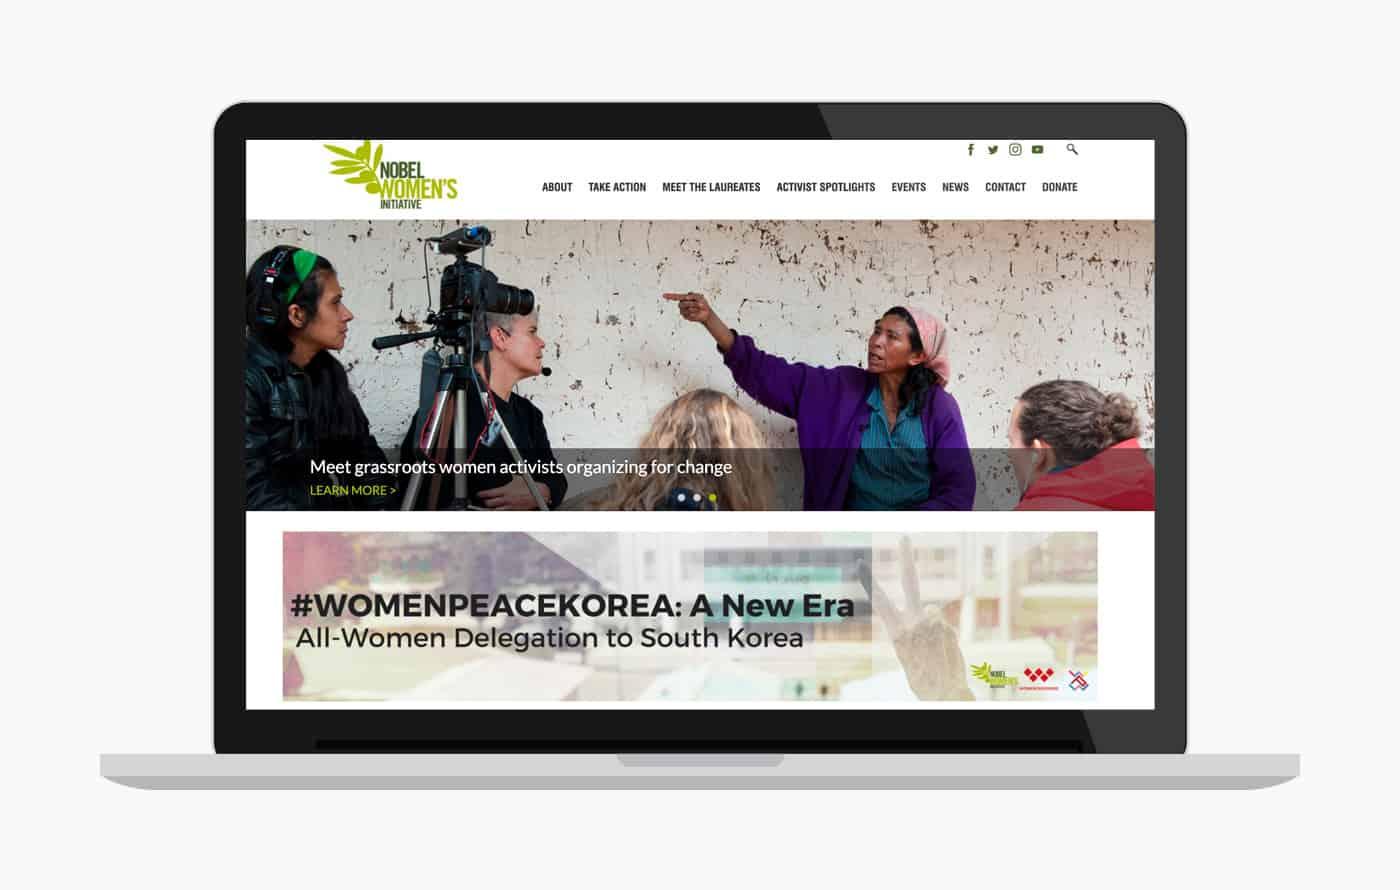 Nonprofit Web design & Development - Nobel Women's Initiative